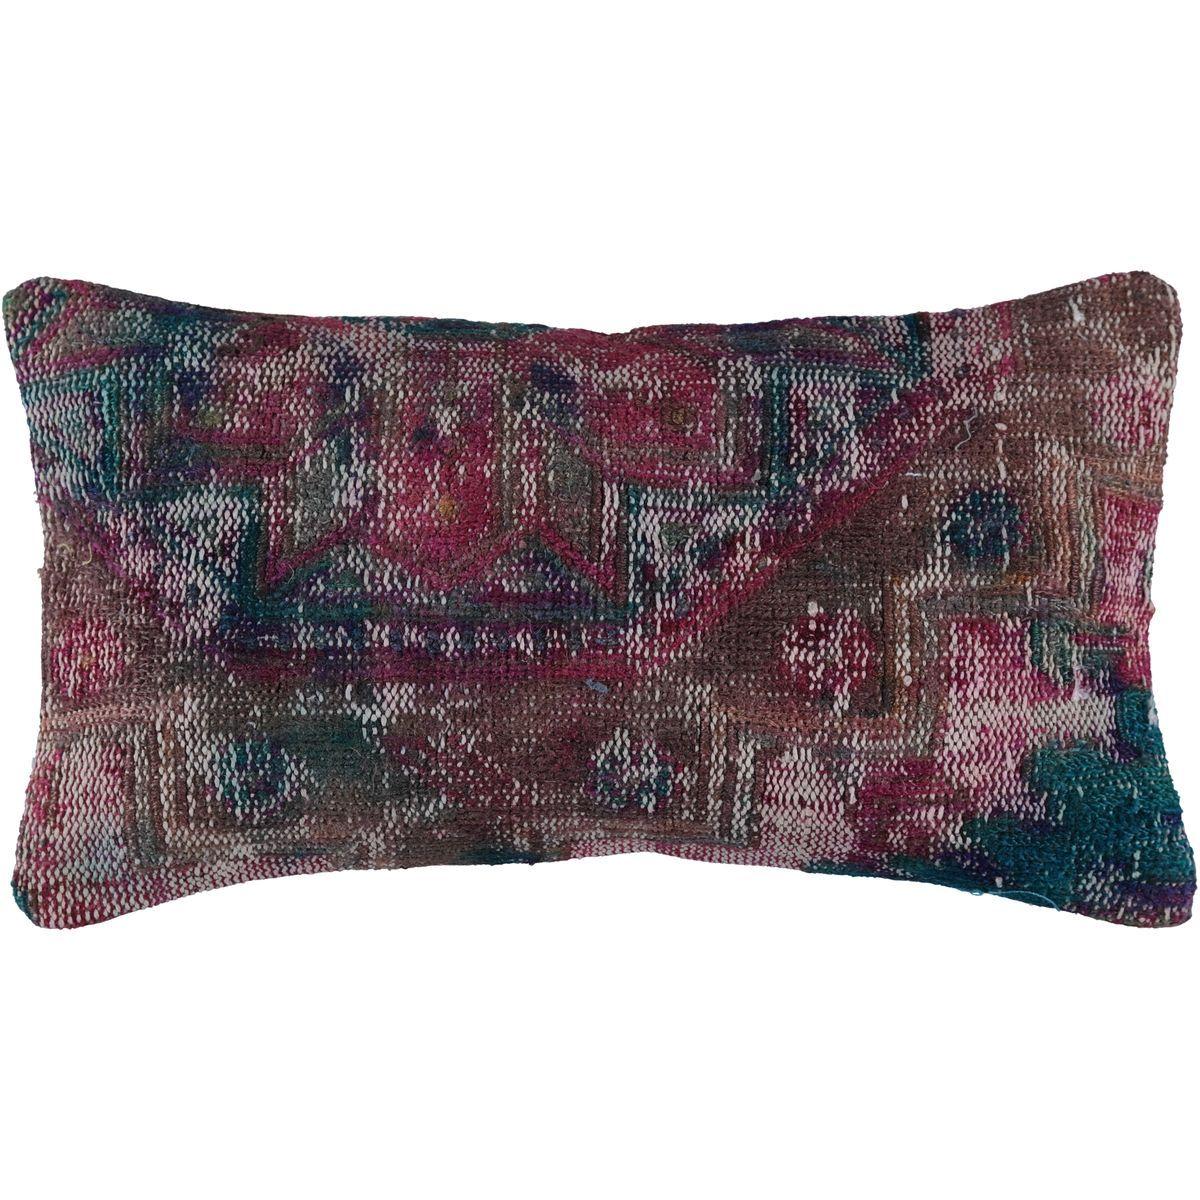 Cushion Cover / Carpet 18